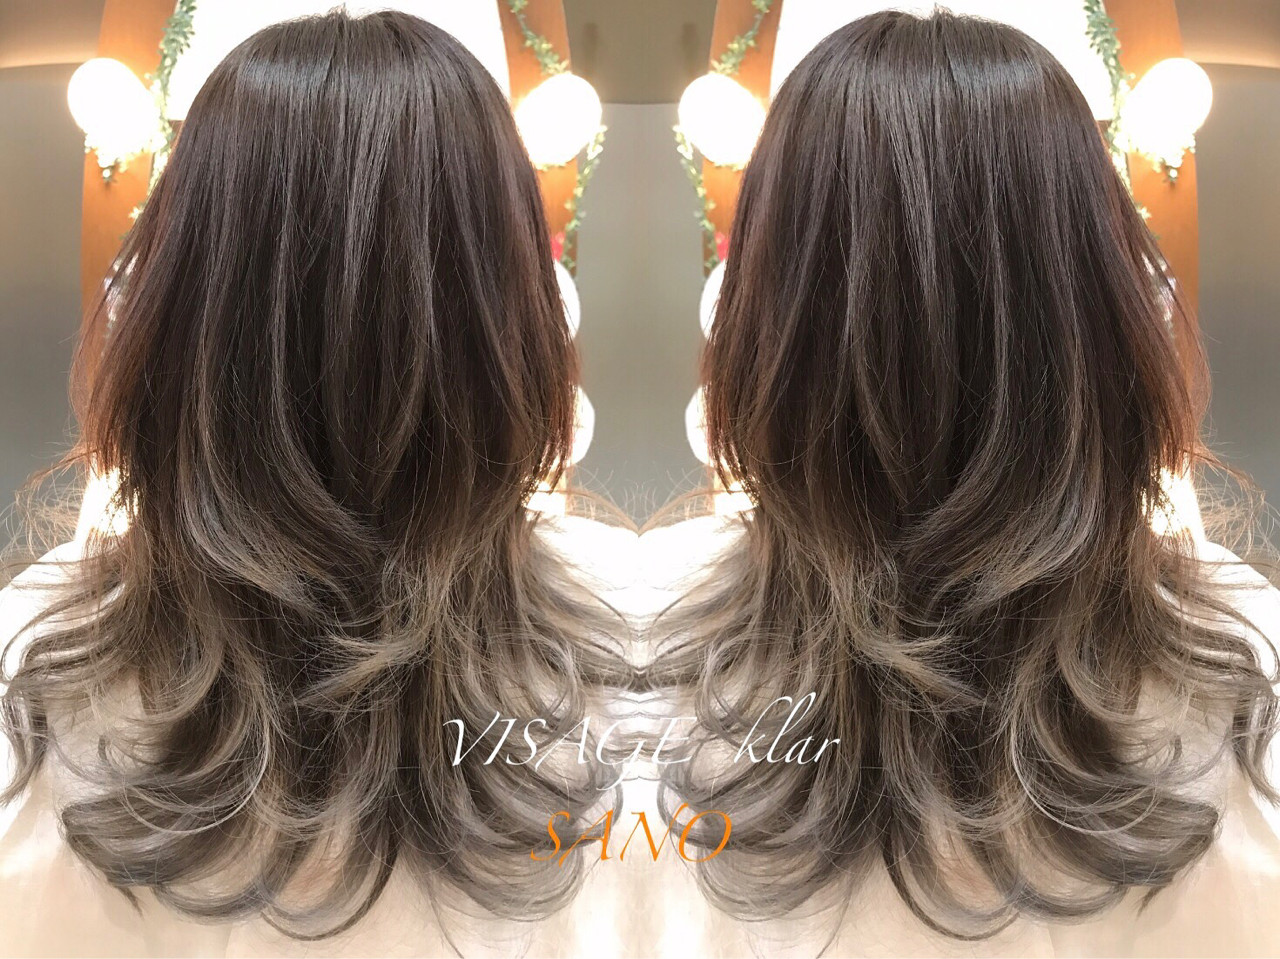 アッシュ 外国人風 グレージュ 外国人風カラー ヘアスタイルや髪型の写真・画像